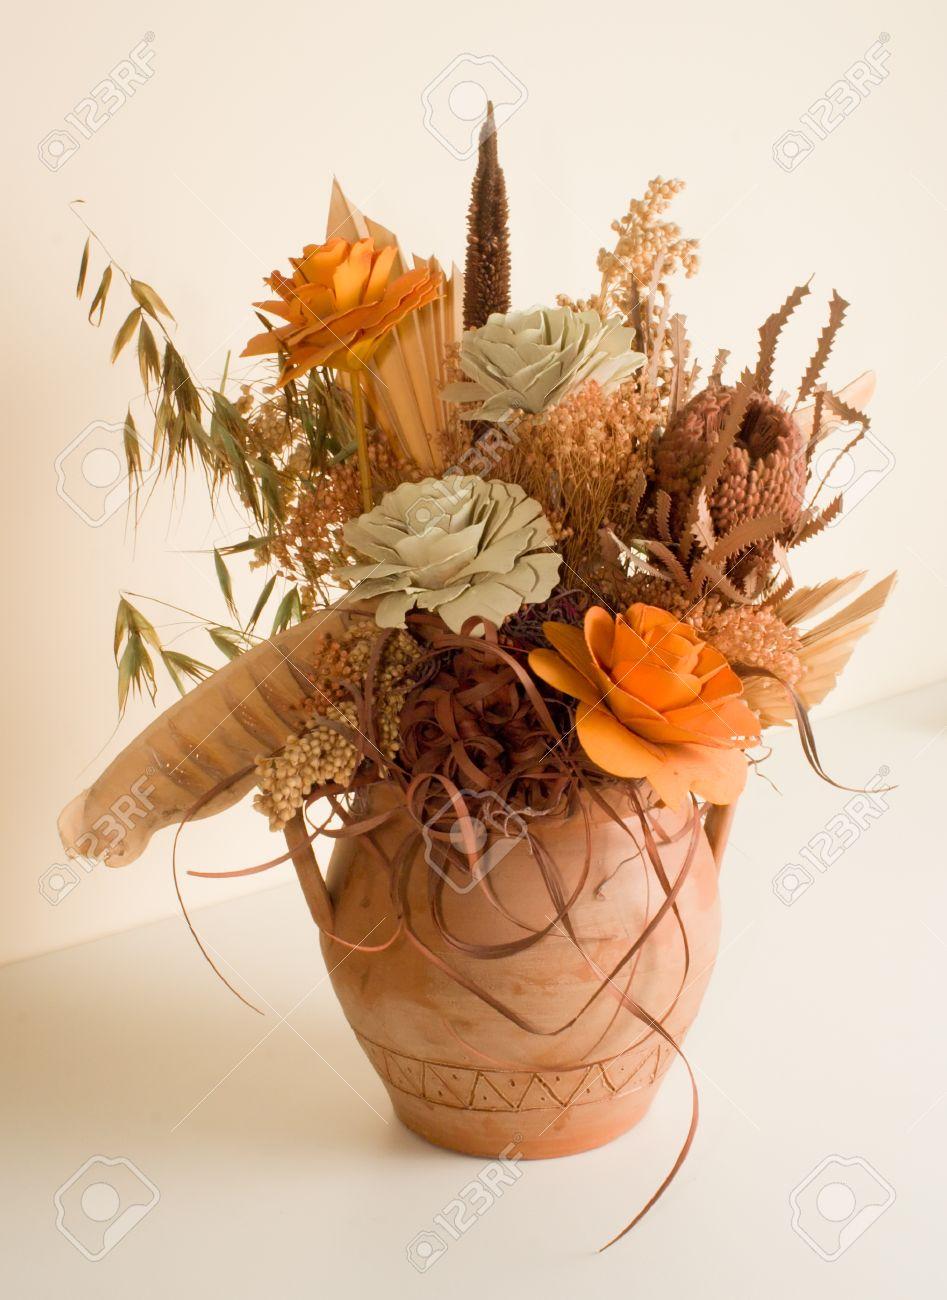 Composizioni Di Fiori Secchi.Immagini Stock Composizione Di Fiori Secchi In Vaso Di